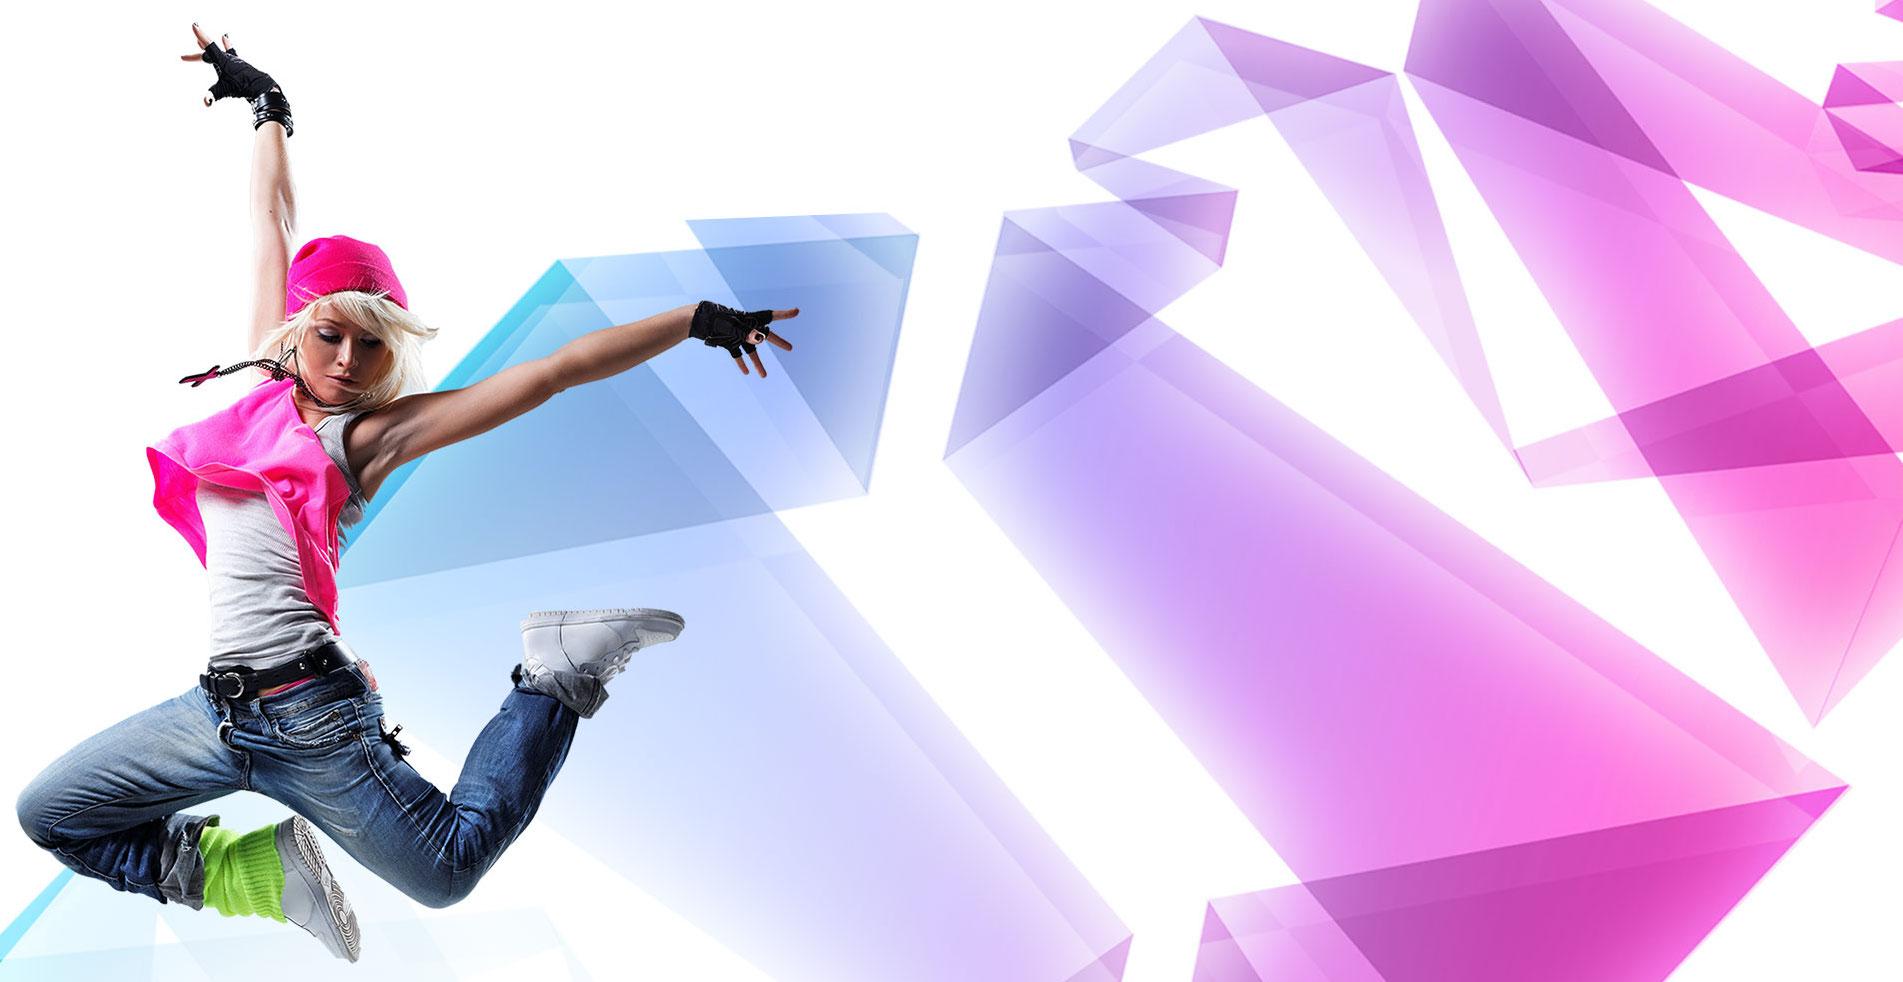 DanceSuranceHeaderFemale1